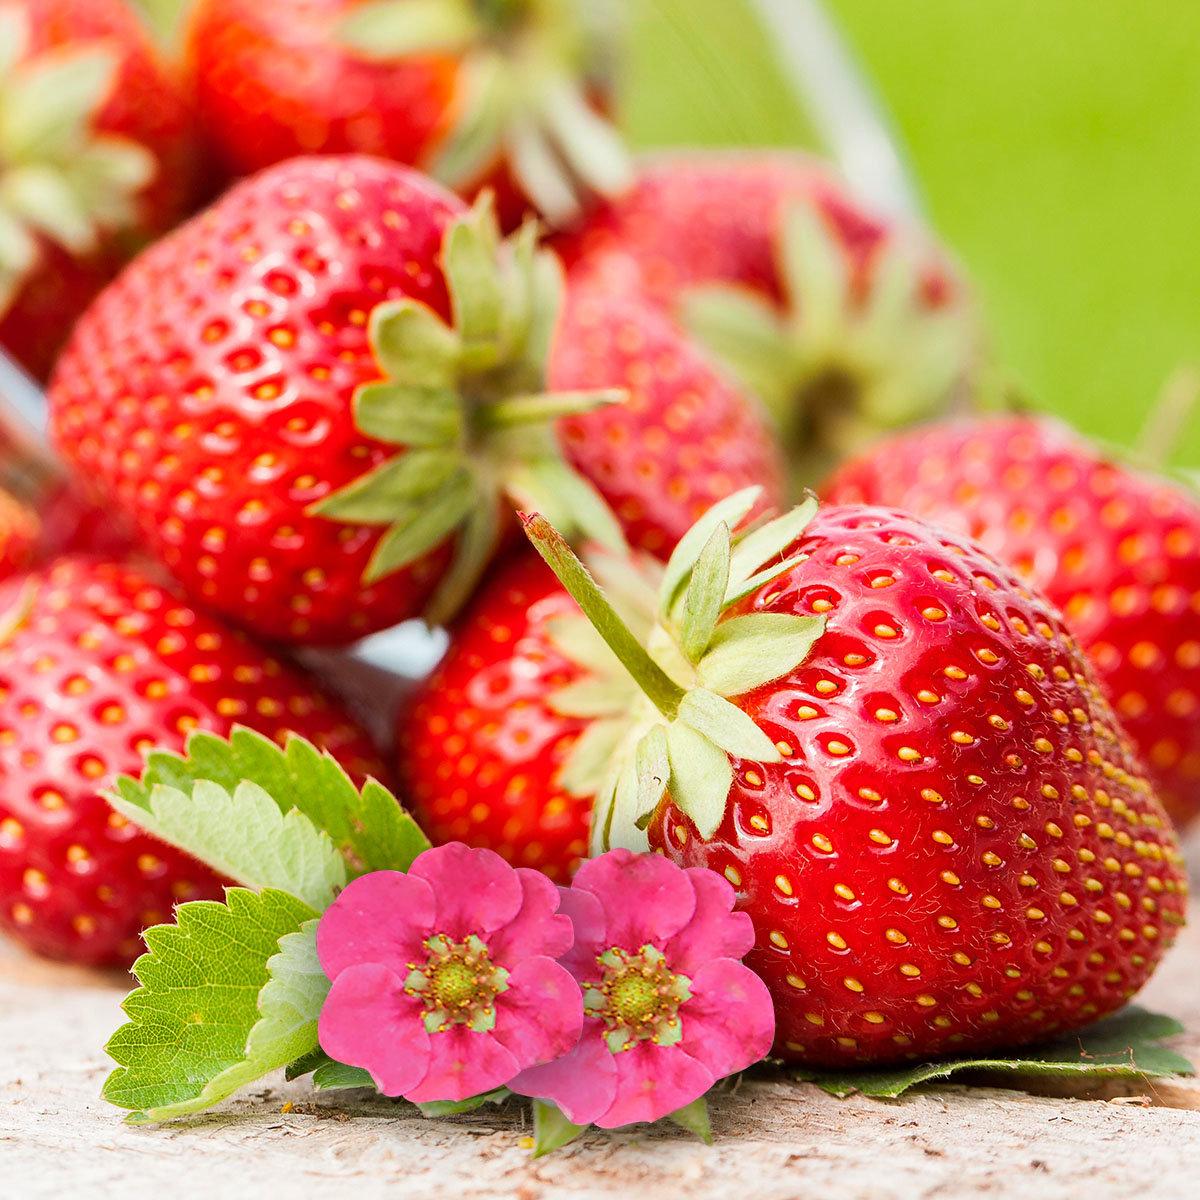 Kussmund-Erdbeere Toscana®, im ca. 9 cm-Topf